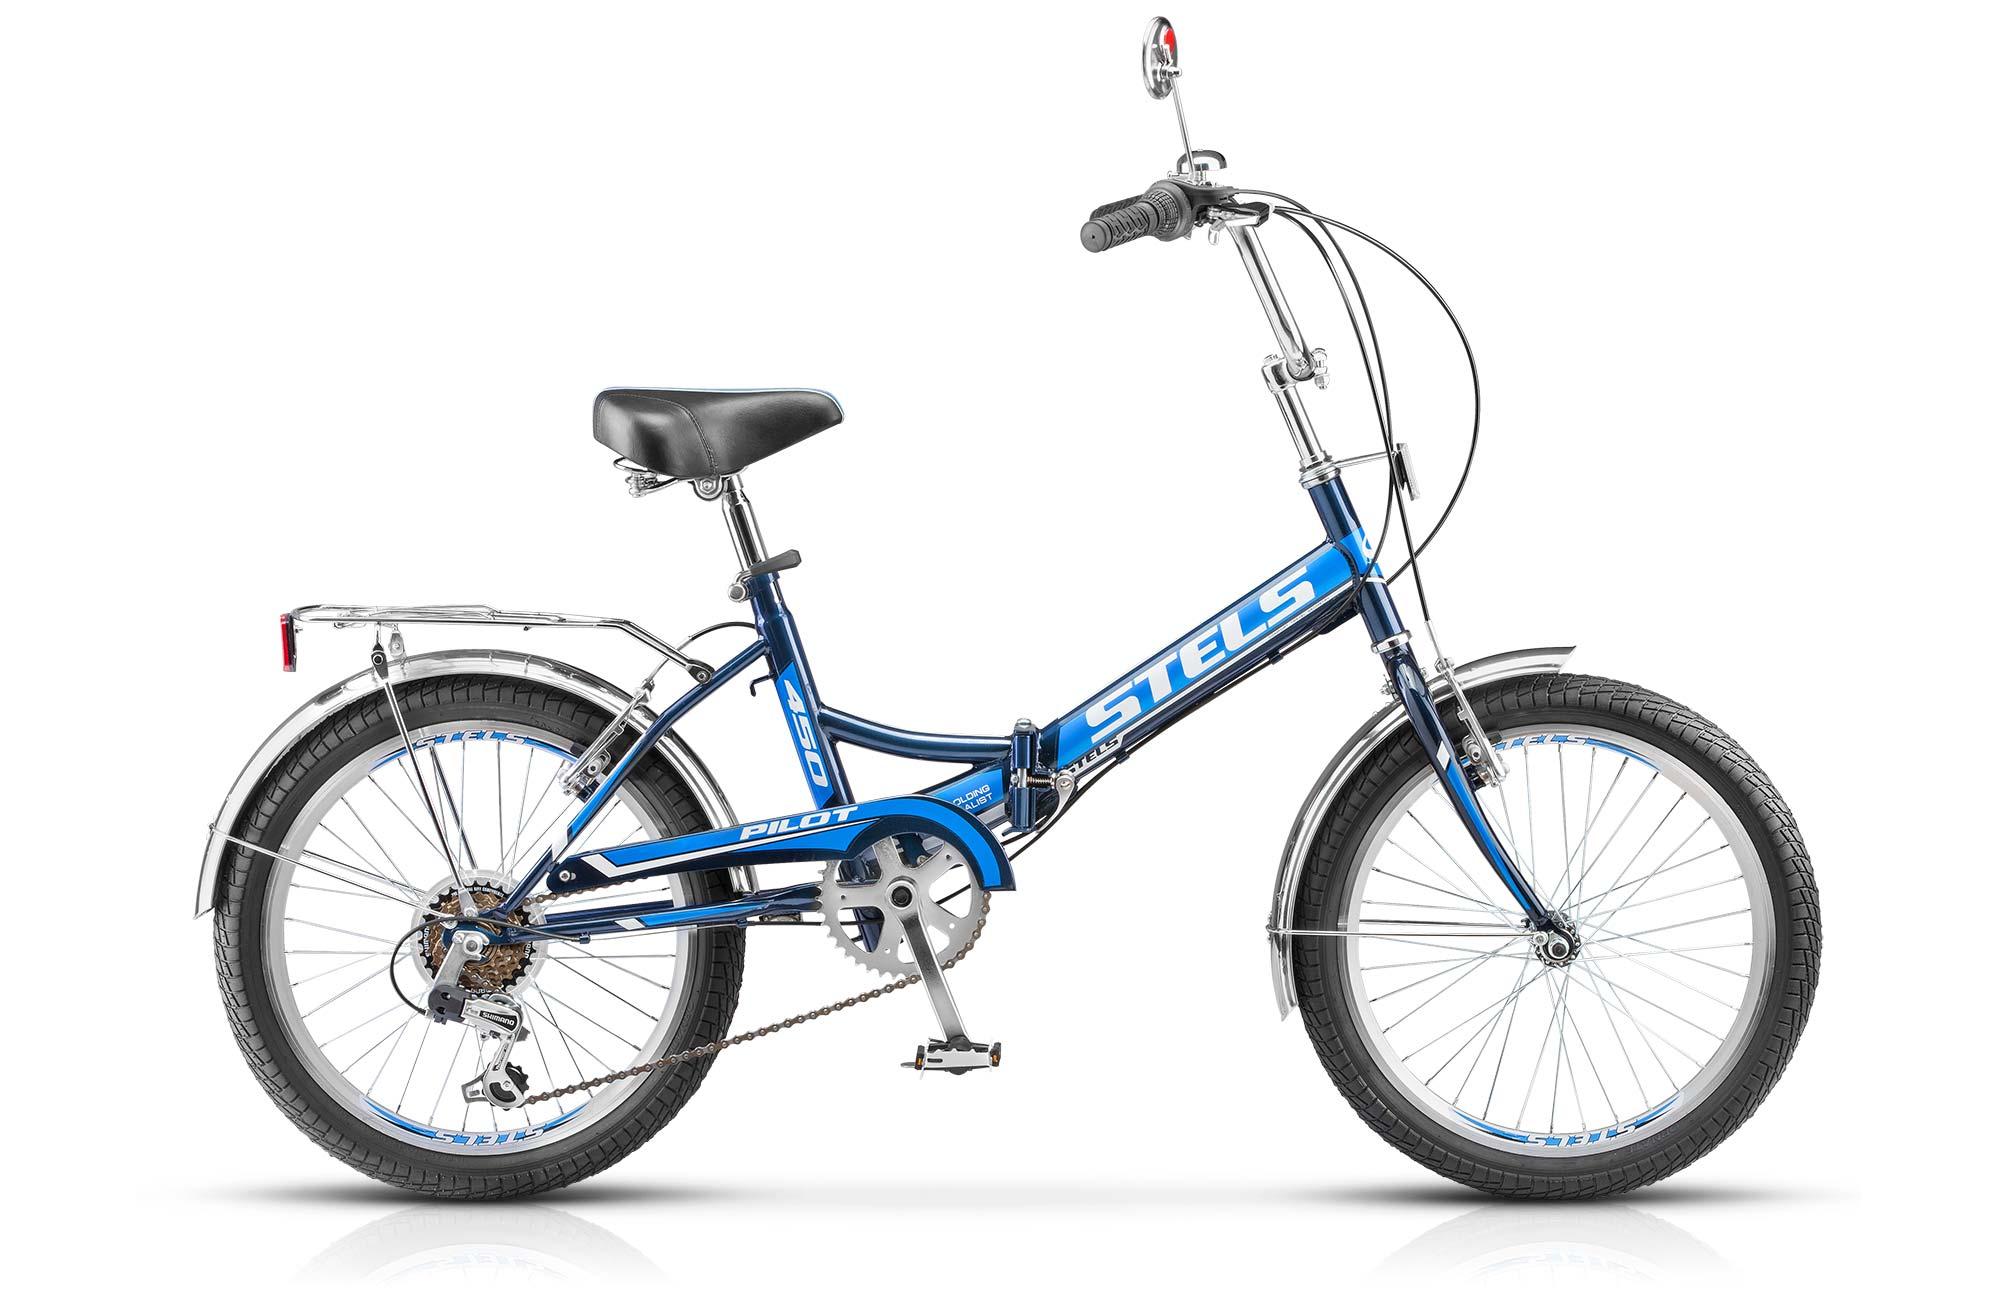 Велосипед Stels Pilot 450 20 (2017) черно-зеленый 13.5ГОРОДСКИЕ СКЛАДНЫЕ<br>Складной эконом велосипед Stels Pilot 450 оснащен стальной рамой. Установлены жесткая стальная вилка,а также начальное оборудование. Stels Pilot 450 имеет складную конструкцию для удобства хранения и перевозки в транспорте.<br><br>бренд: STELS<br>год: 2017<br>рама: Сталь (Hi-Ten)<br>вилка: Жесткая (сталь)<br>блокировка амортизатора: None<br>диаметр колес: 20<br>тормоза: Ободные (V-brake)<br>уровень оборудования: Любительский<br>количество скоростей: 6<br>Цвет: черно-зеленый<br>Размер: 13.5